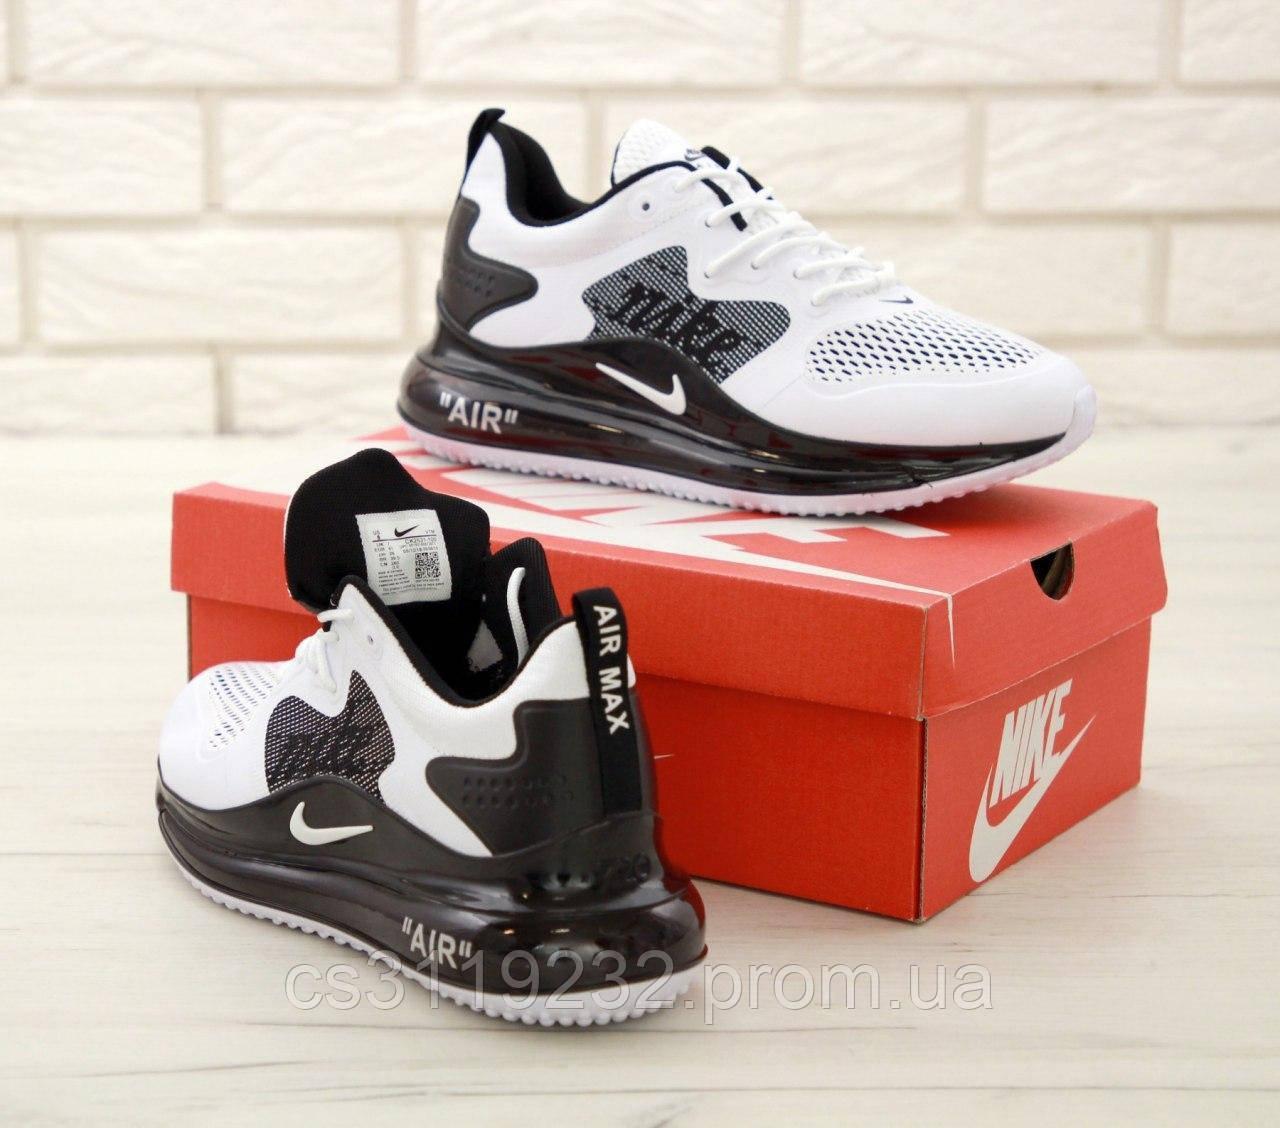 Мужские кроссовки Nike Air Max 720 (бело-черные)